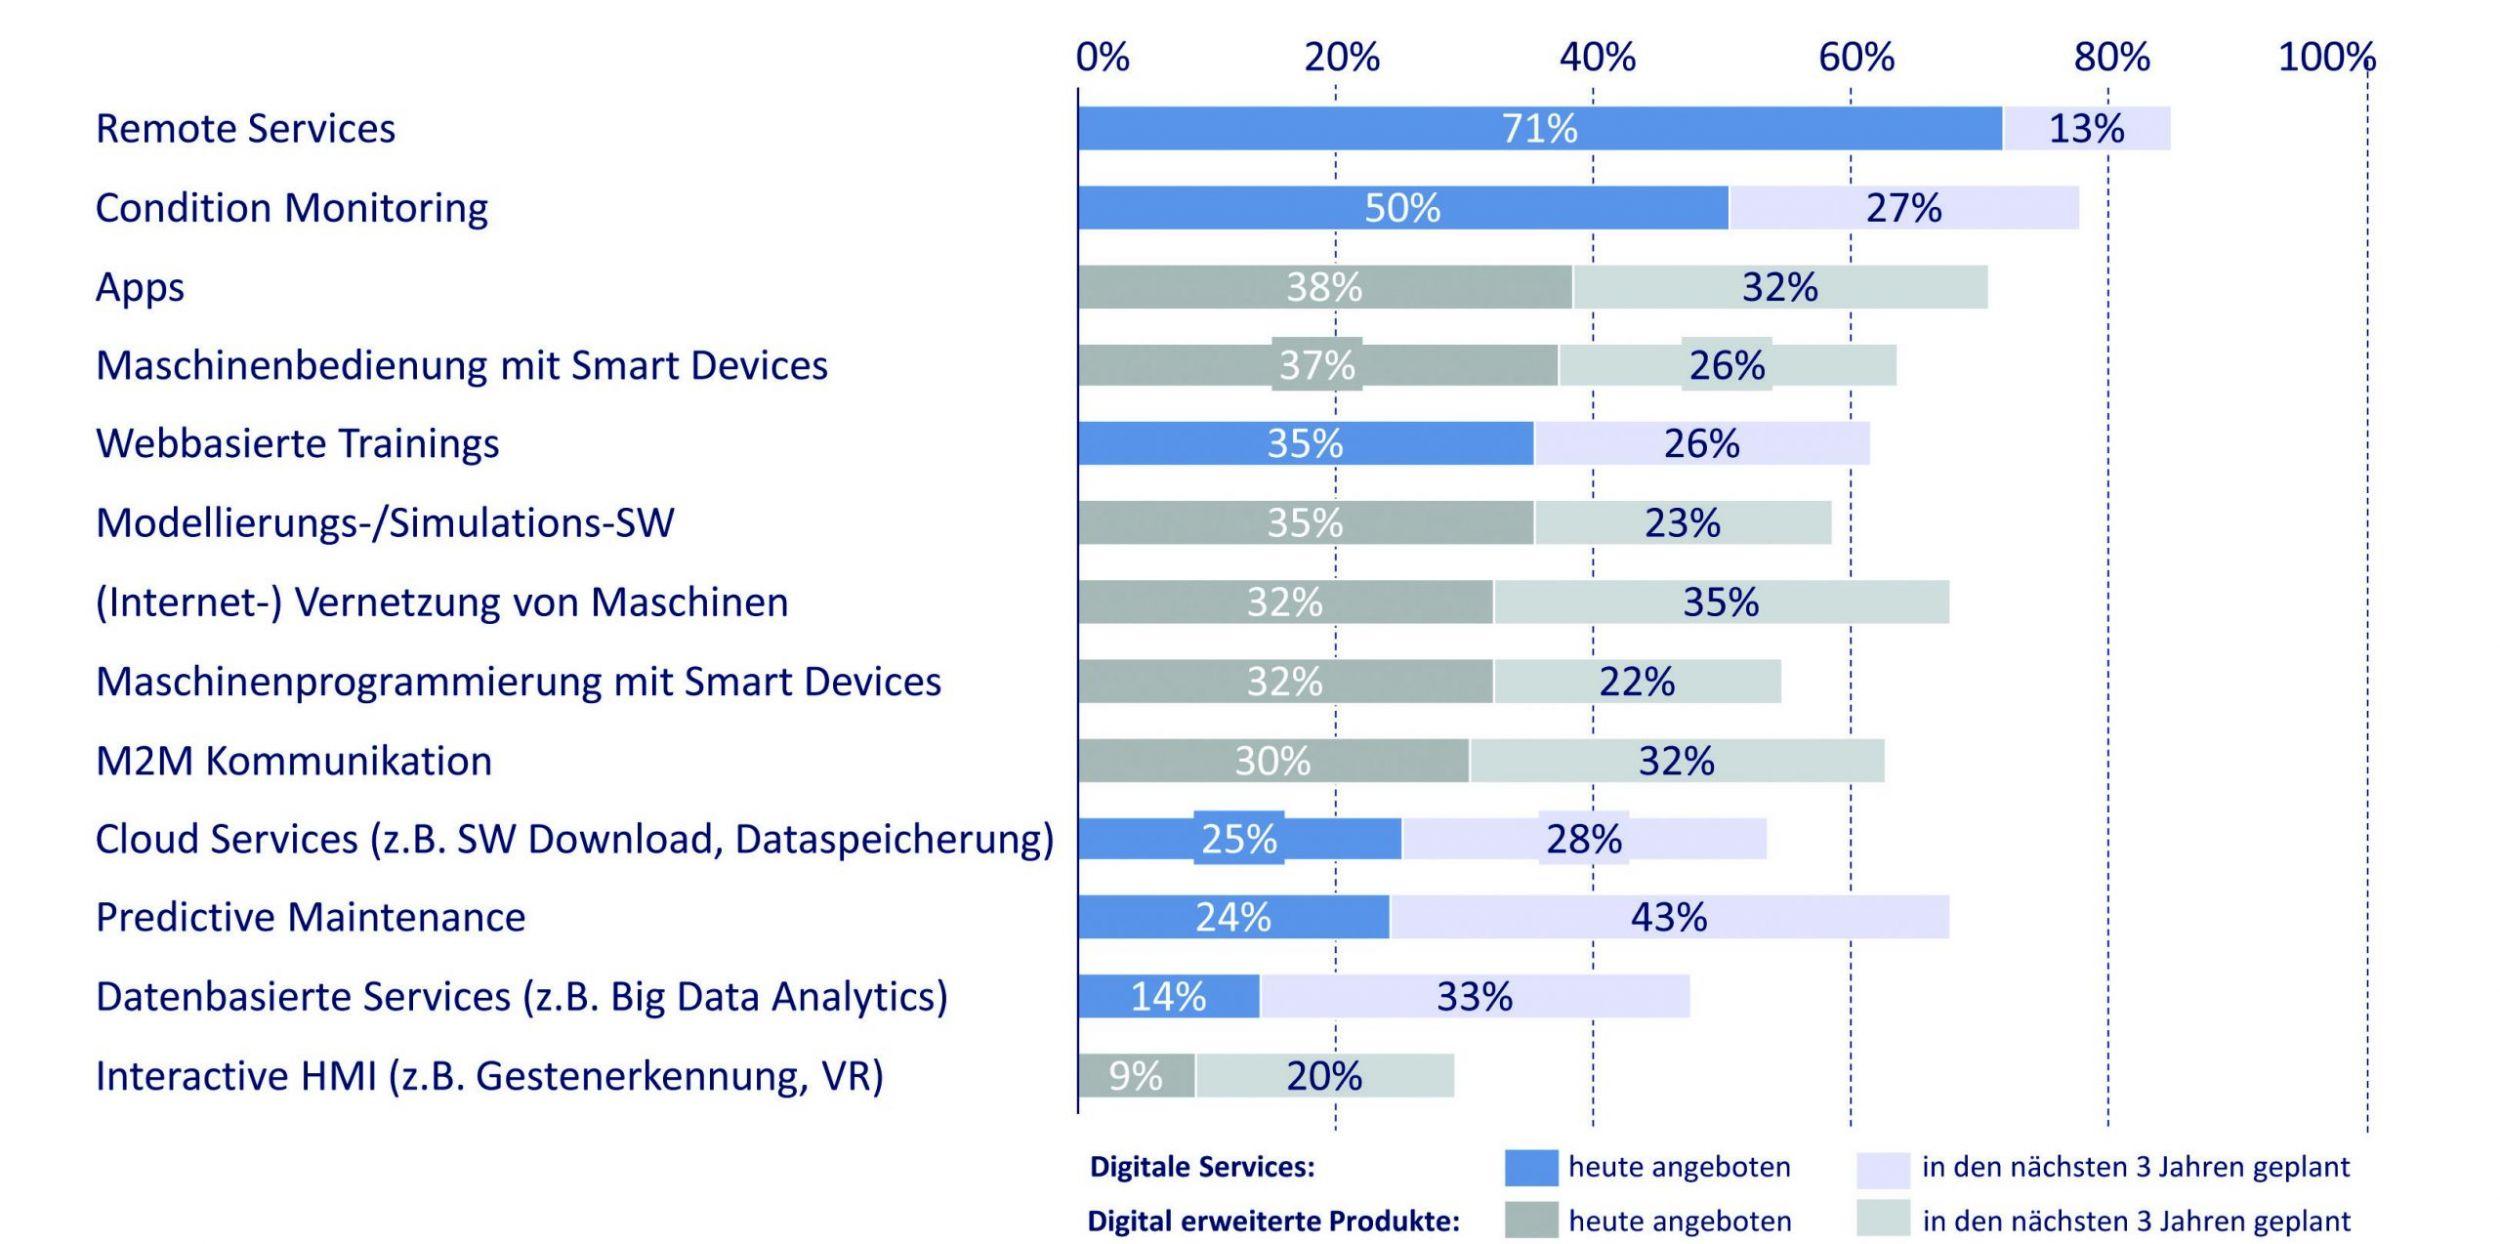 Digitale Geschäftsmodelle und Trends im Maschinenbau